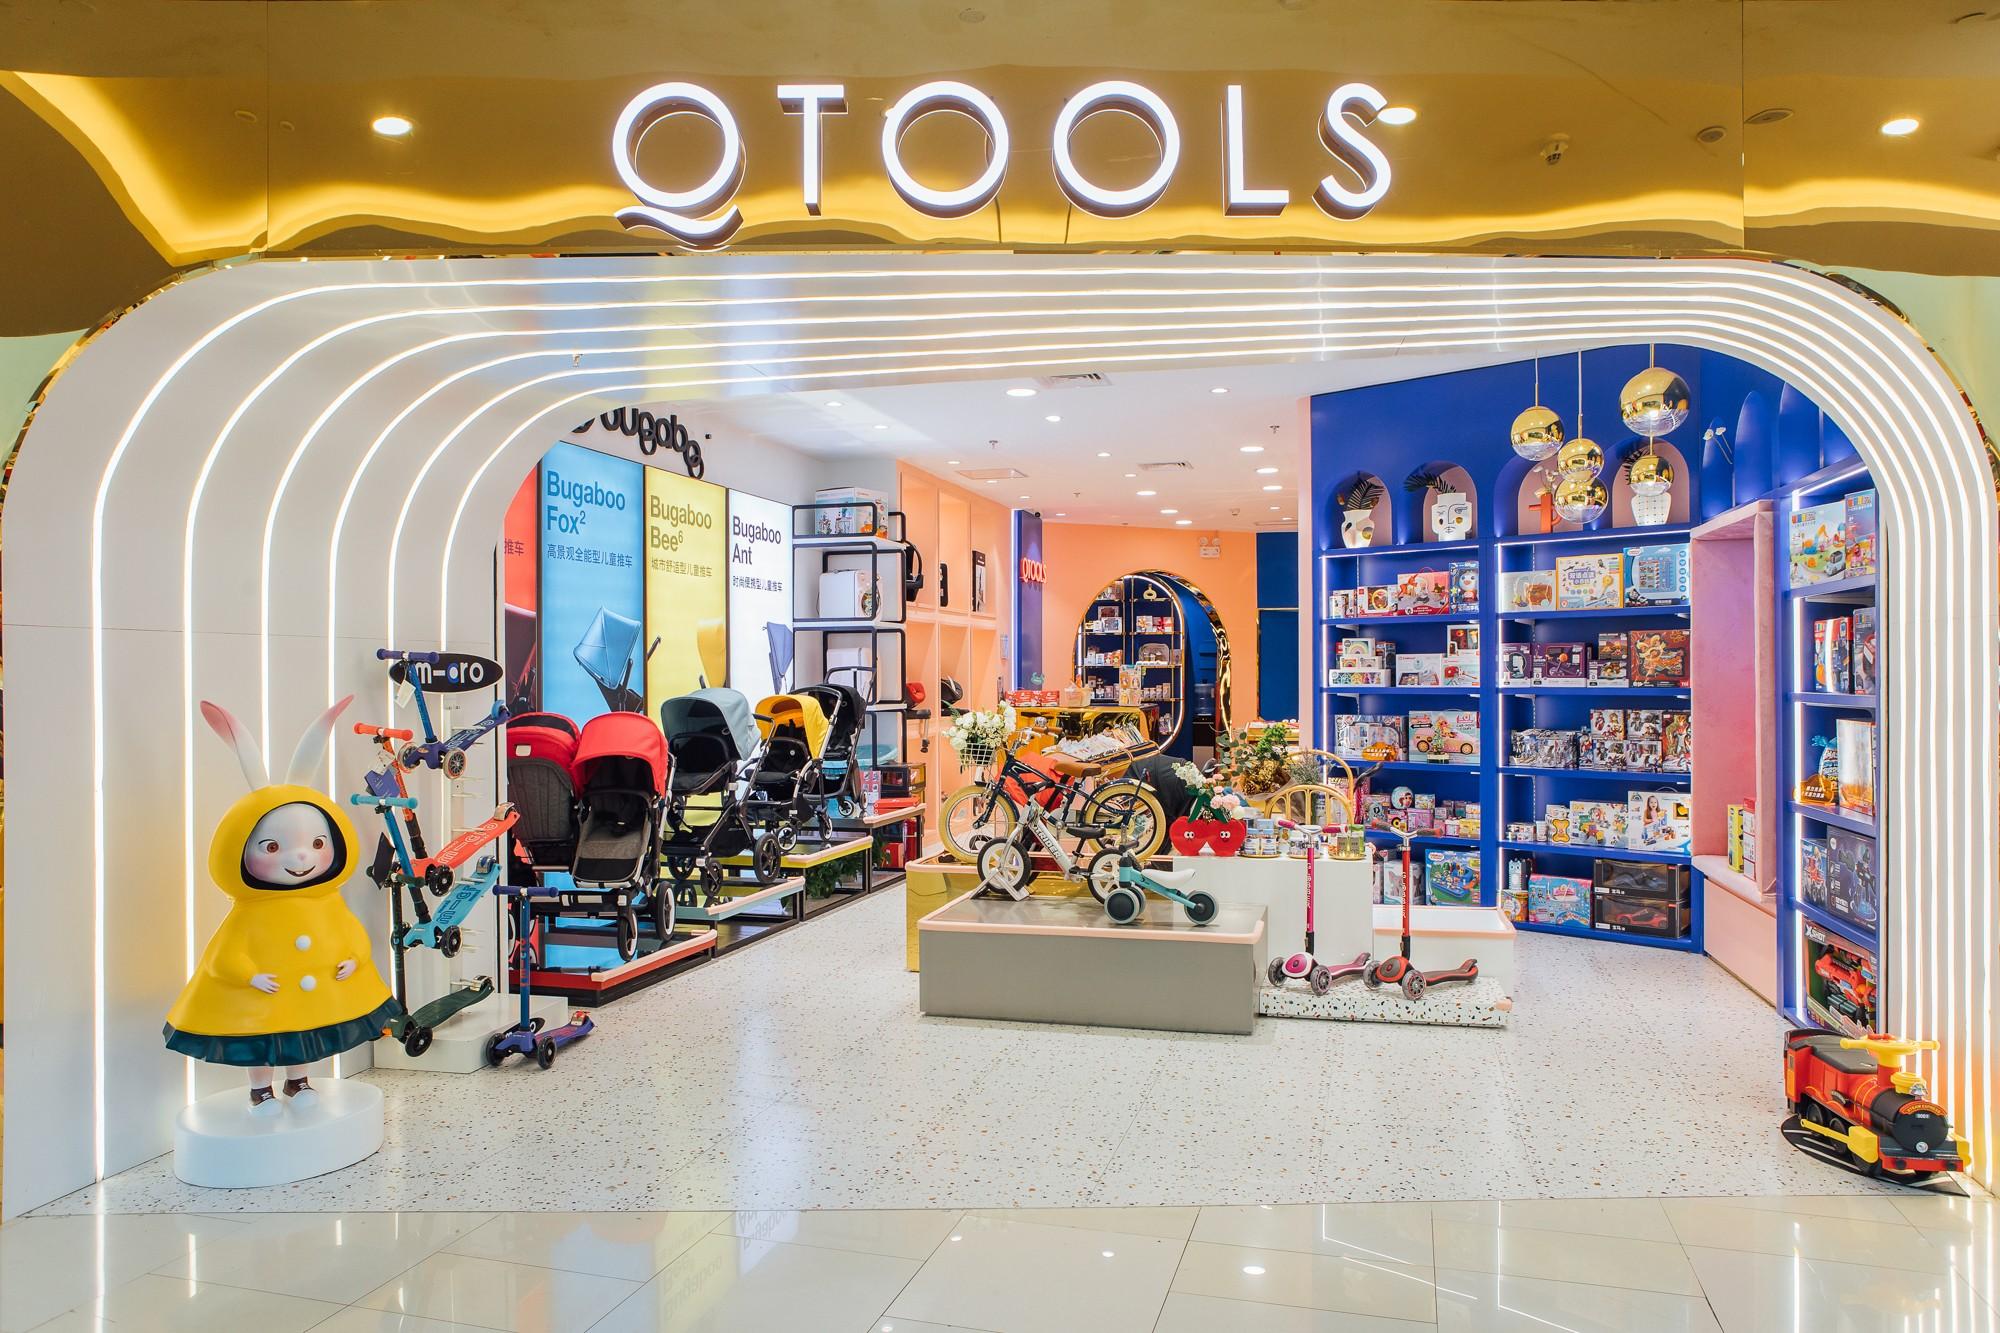 QTOOLS全国首家概念店于杭州盛大开业 引领母婴品牌潮流风向标